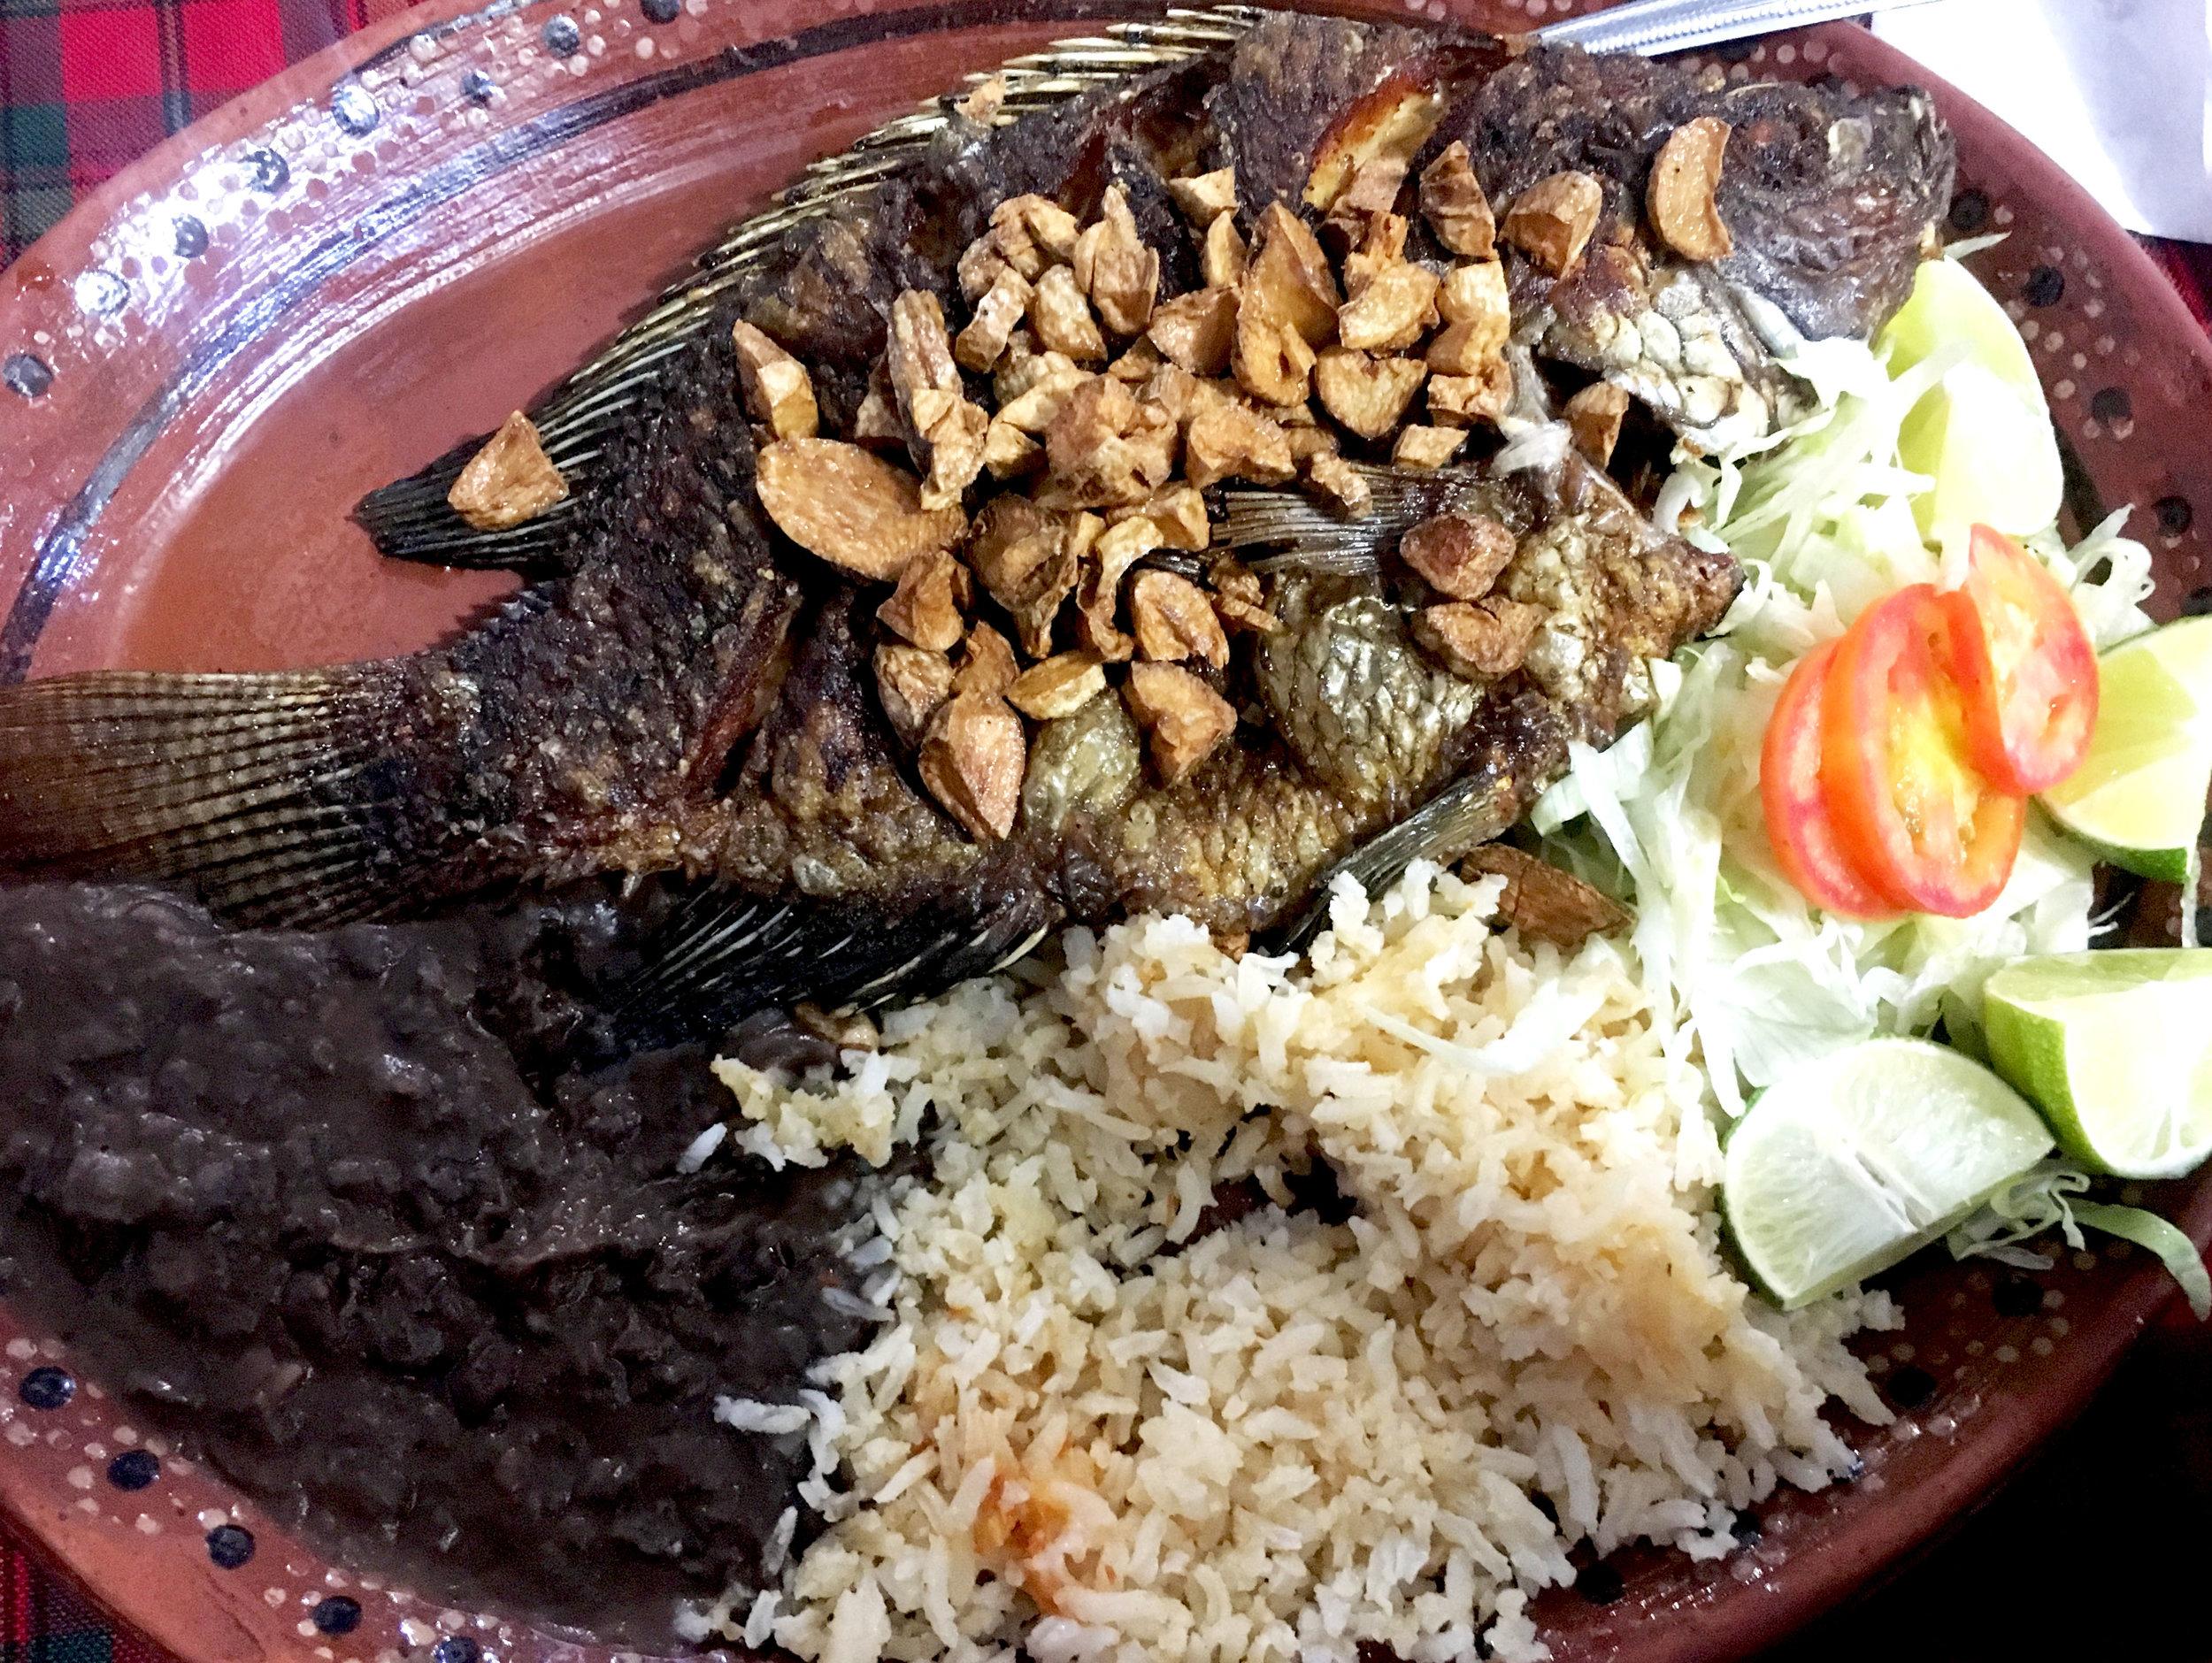 Food in Veracruz, Mexico